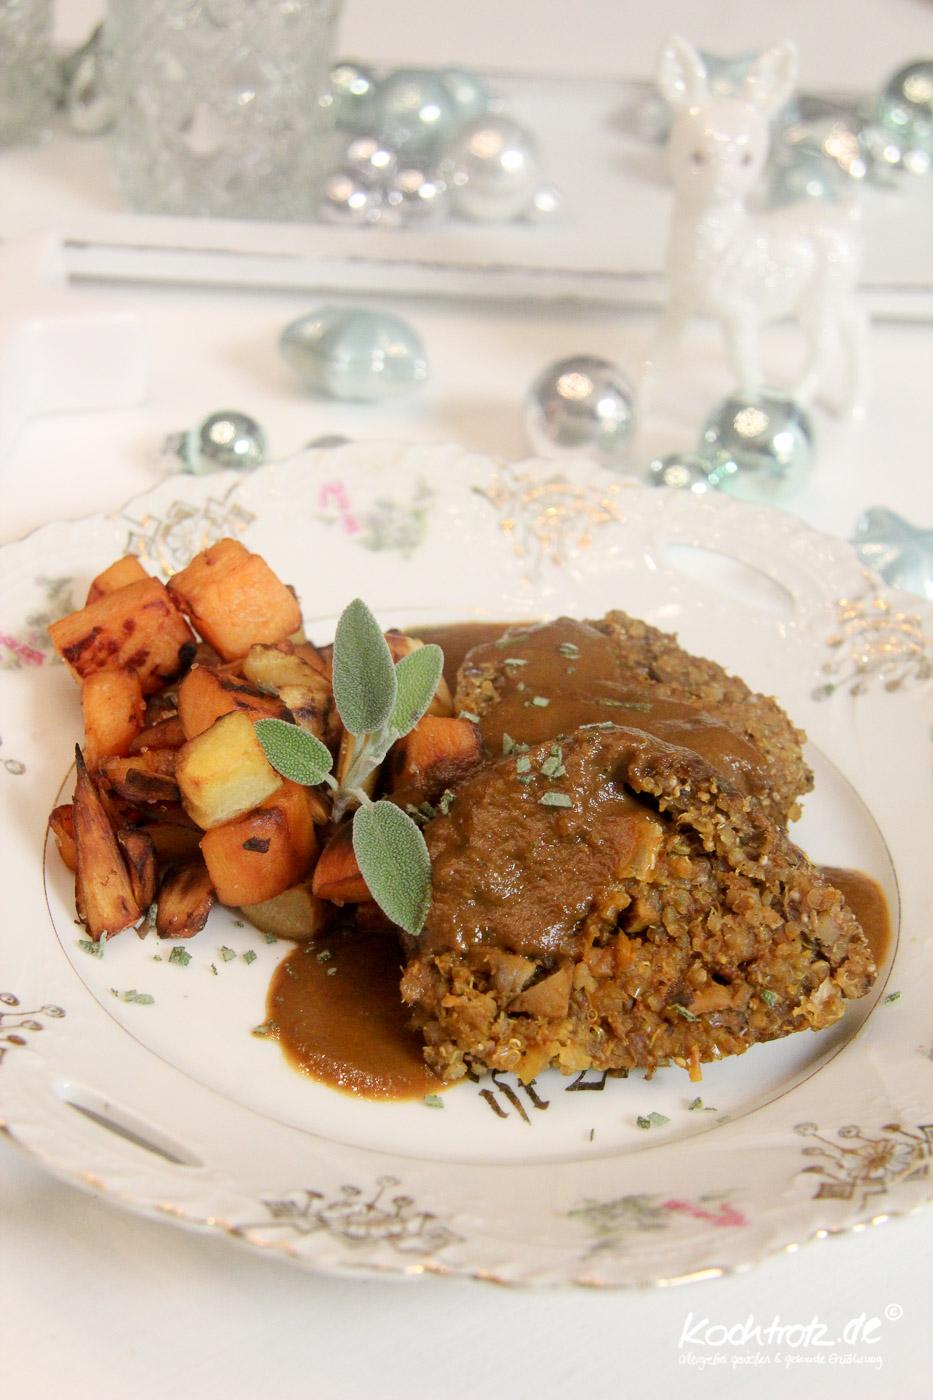 weihnachtsmenue2014-vegan-vegetarisch-glutenfrei-hauptgang-maronen-quinoa-rolle-braten-mit-gemuese-fuellung-und-gebratenen-suesskartoffel-und-pastinaken-wuerfel-1-11